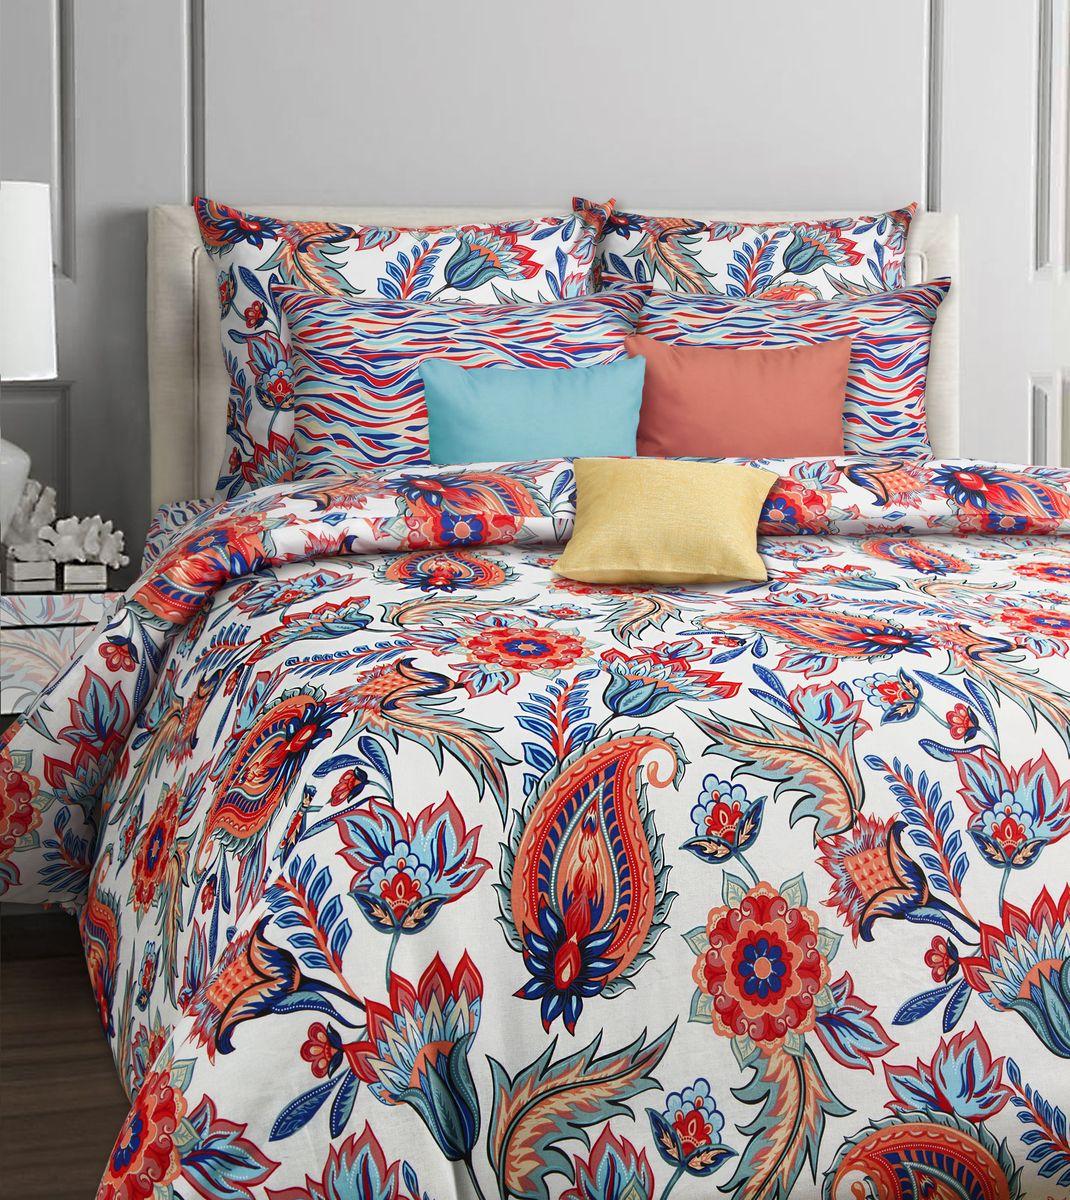 Комплект постельного белья Mona Liza Classik. Leila, 1,5-спальный, наволочки 50х70, бязь